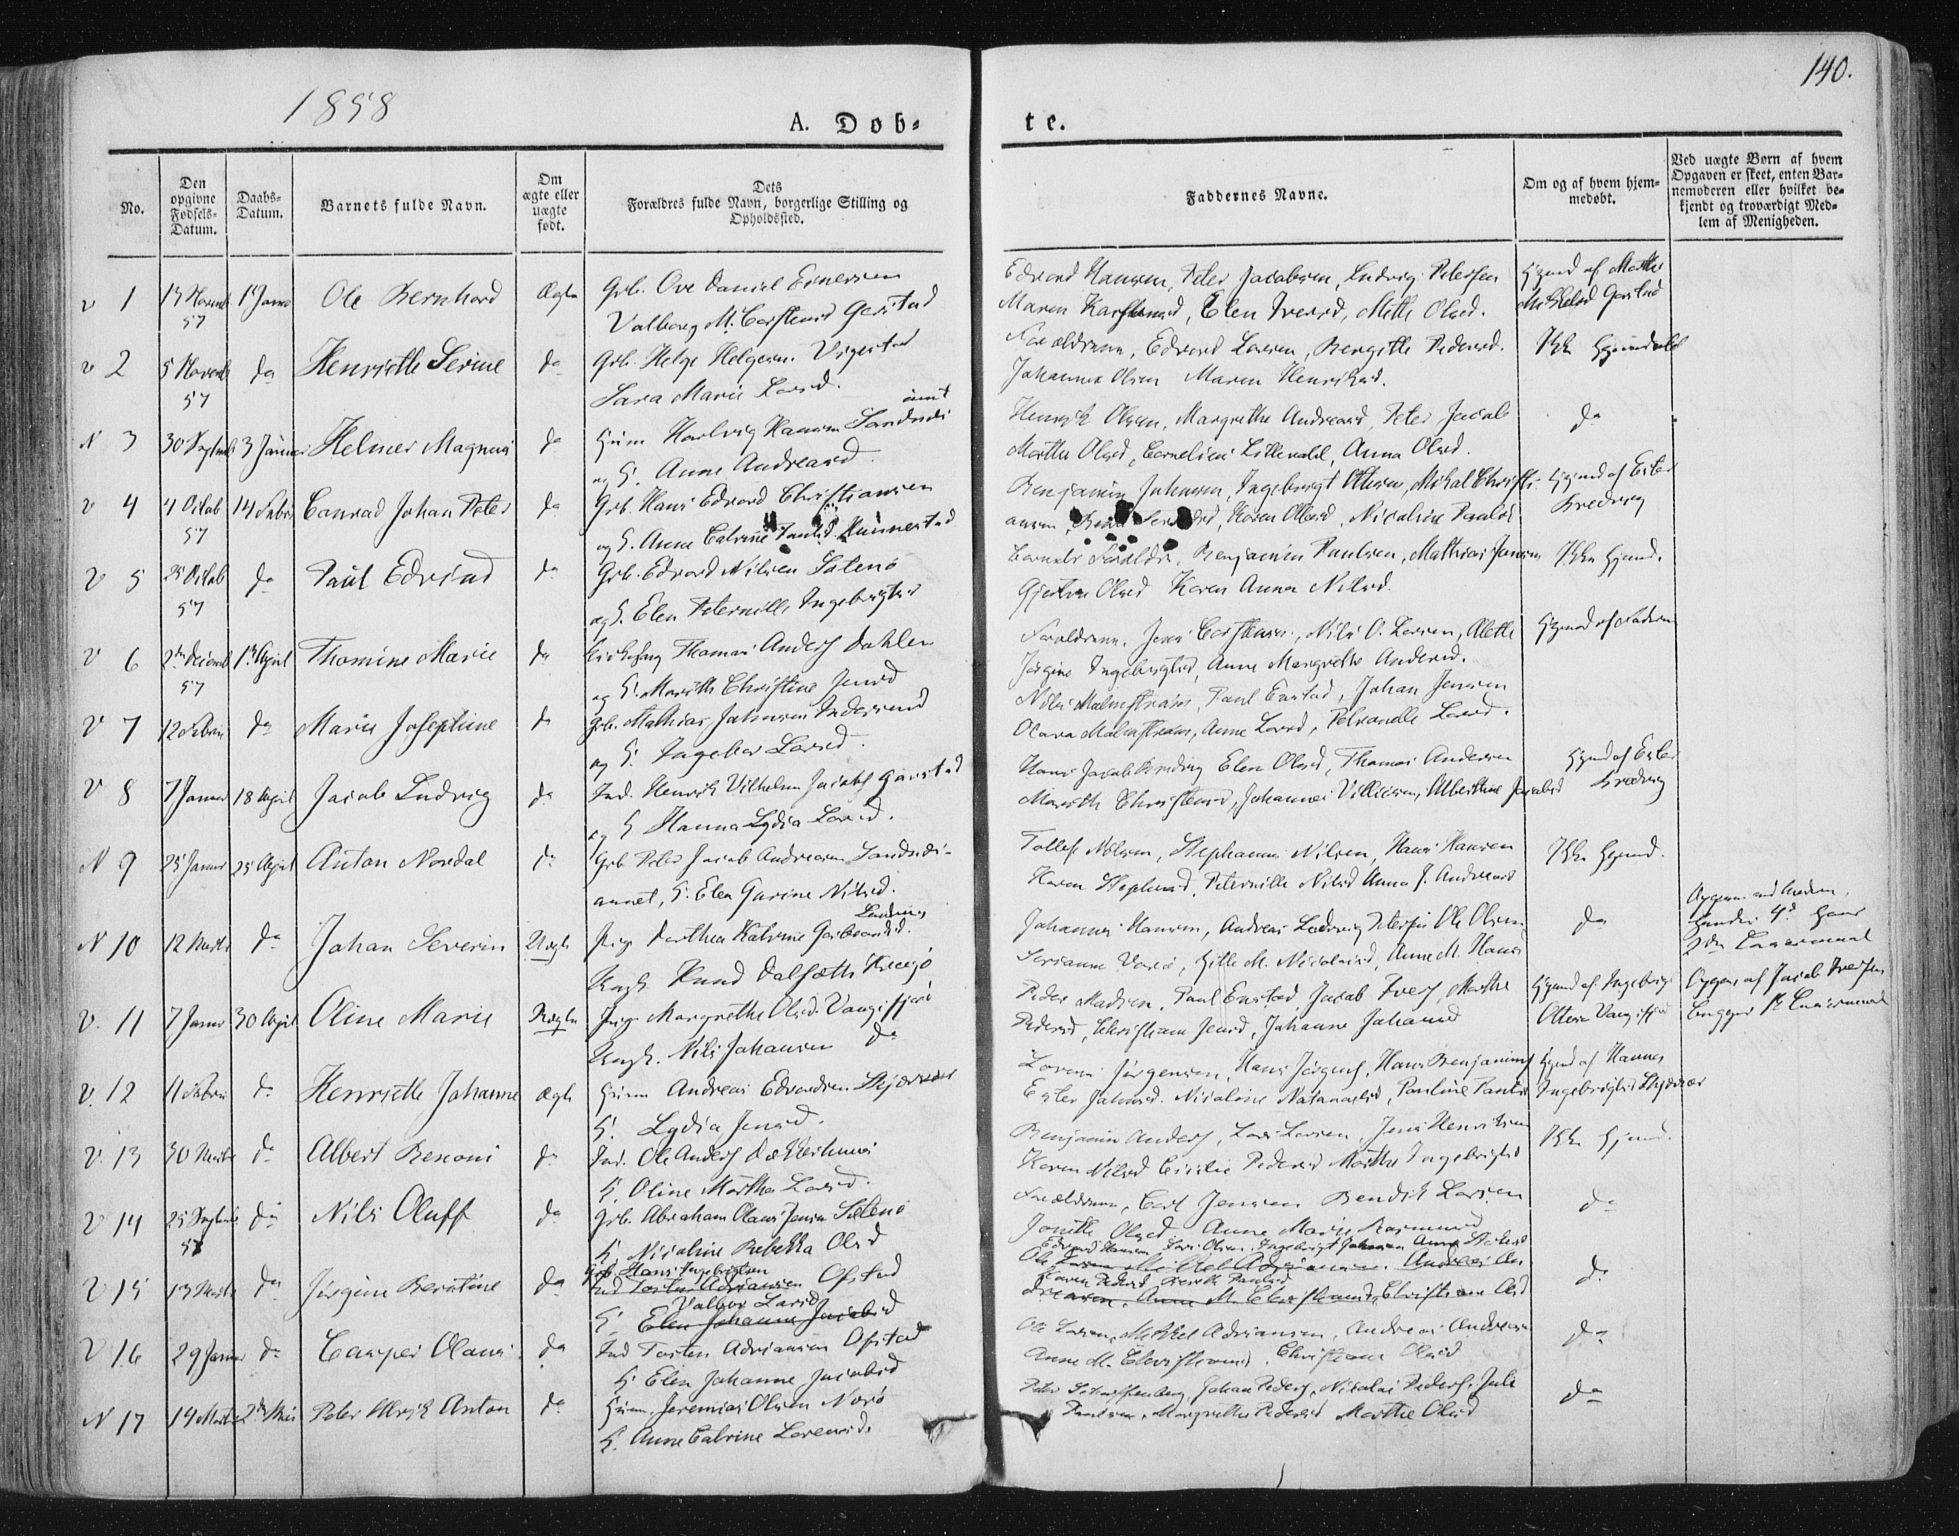 SAT, Ministerialprotokoller, klokkerbøker og fødselsregistre - Nord-Trøndelag, 784/L0669: Ministerialbok nr. 784A04, 1829-1859, s. 140